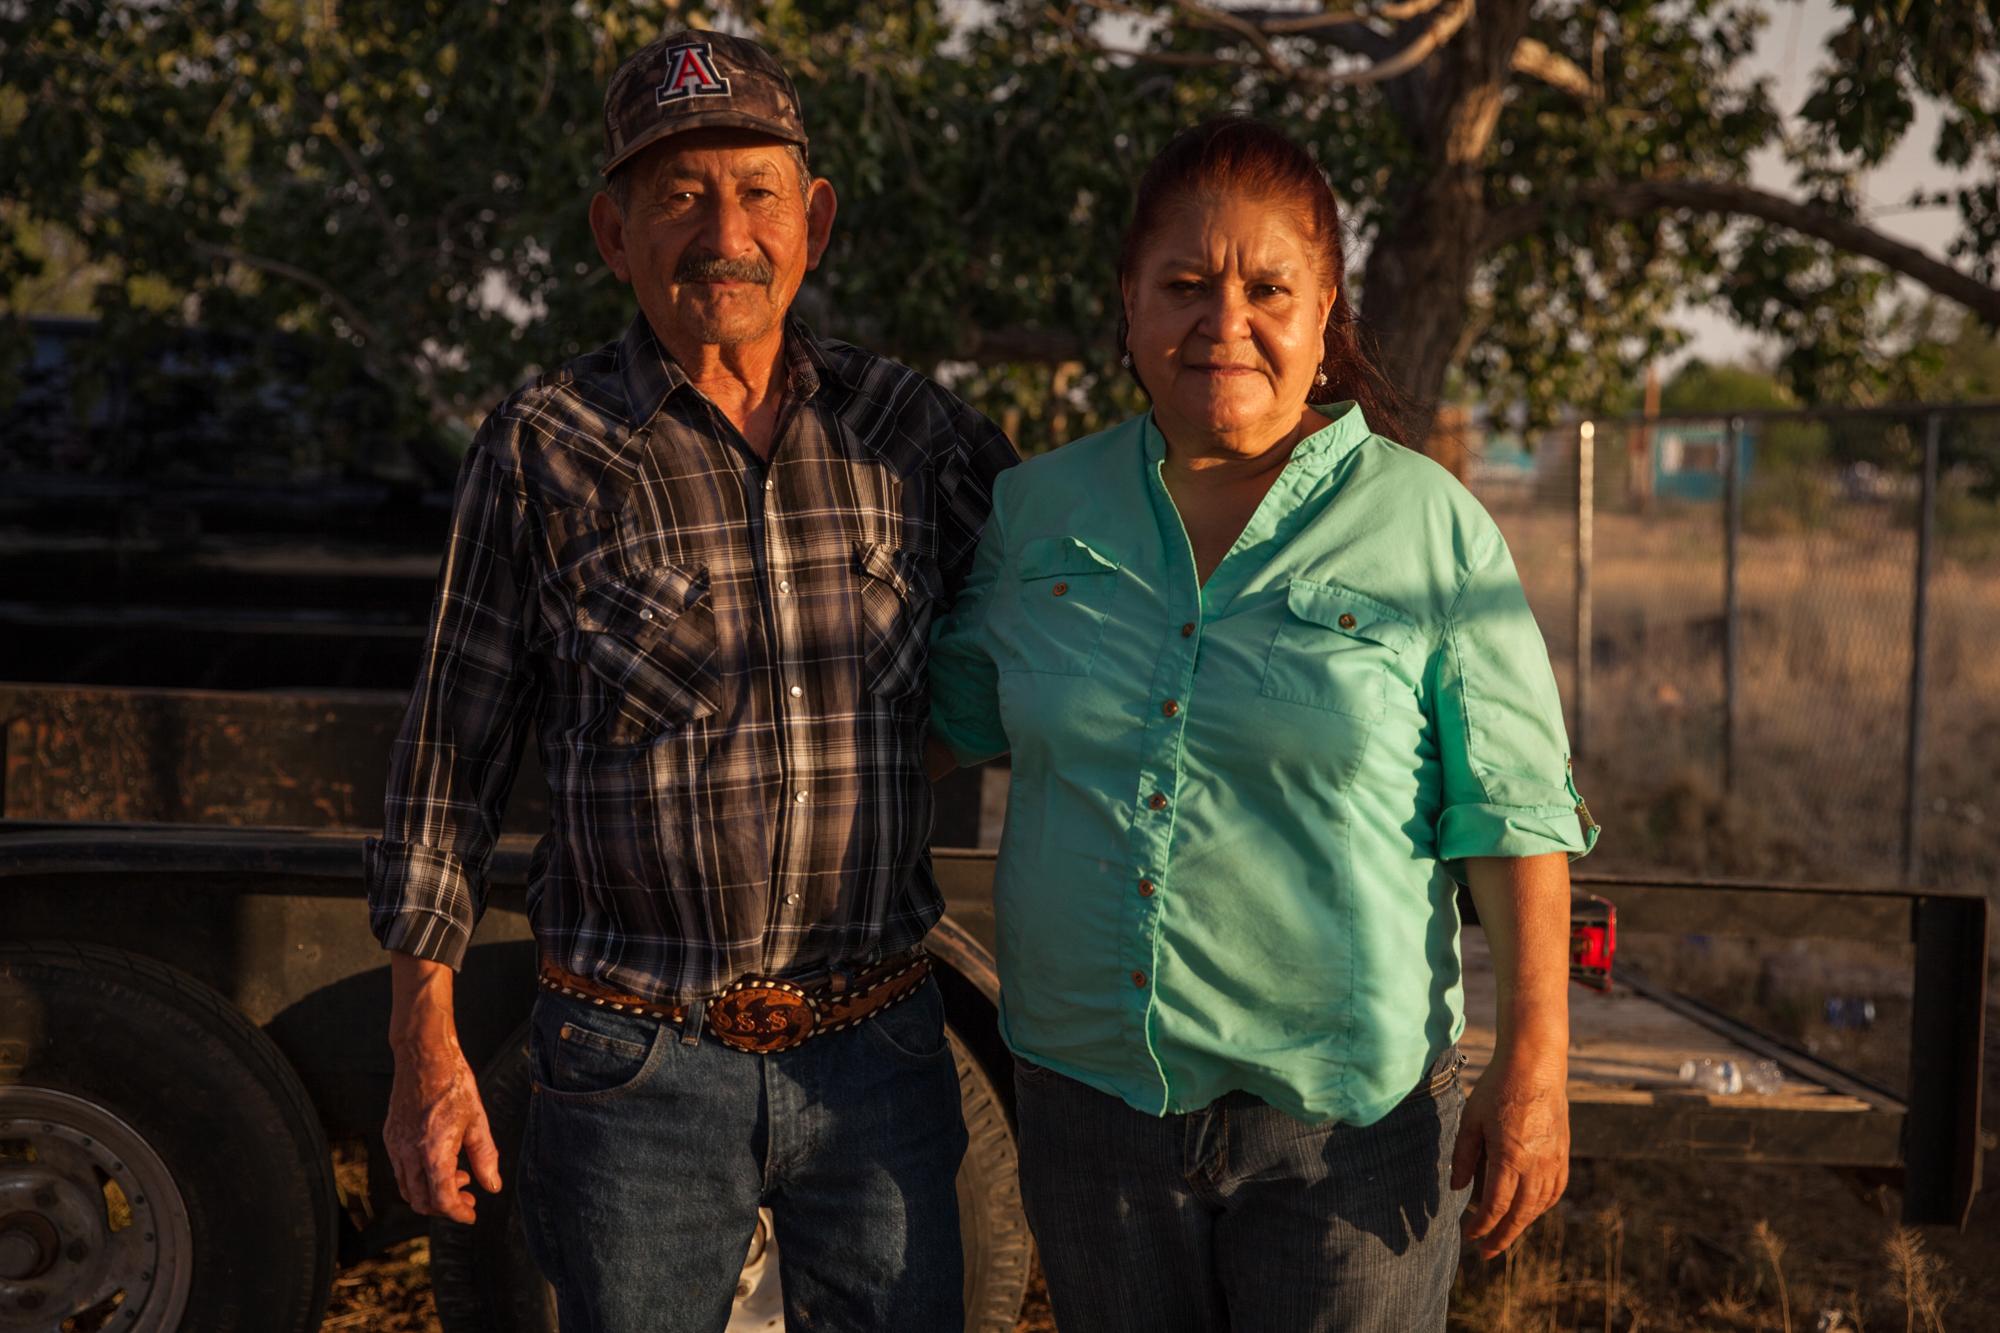 Image: Jesus and Josefina Salazar